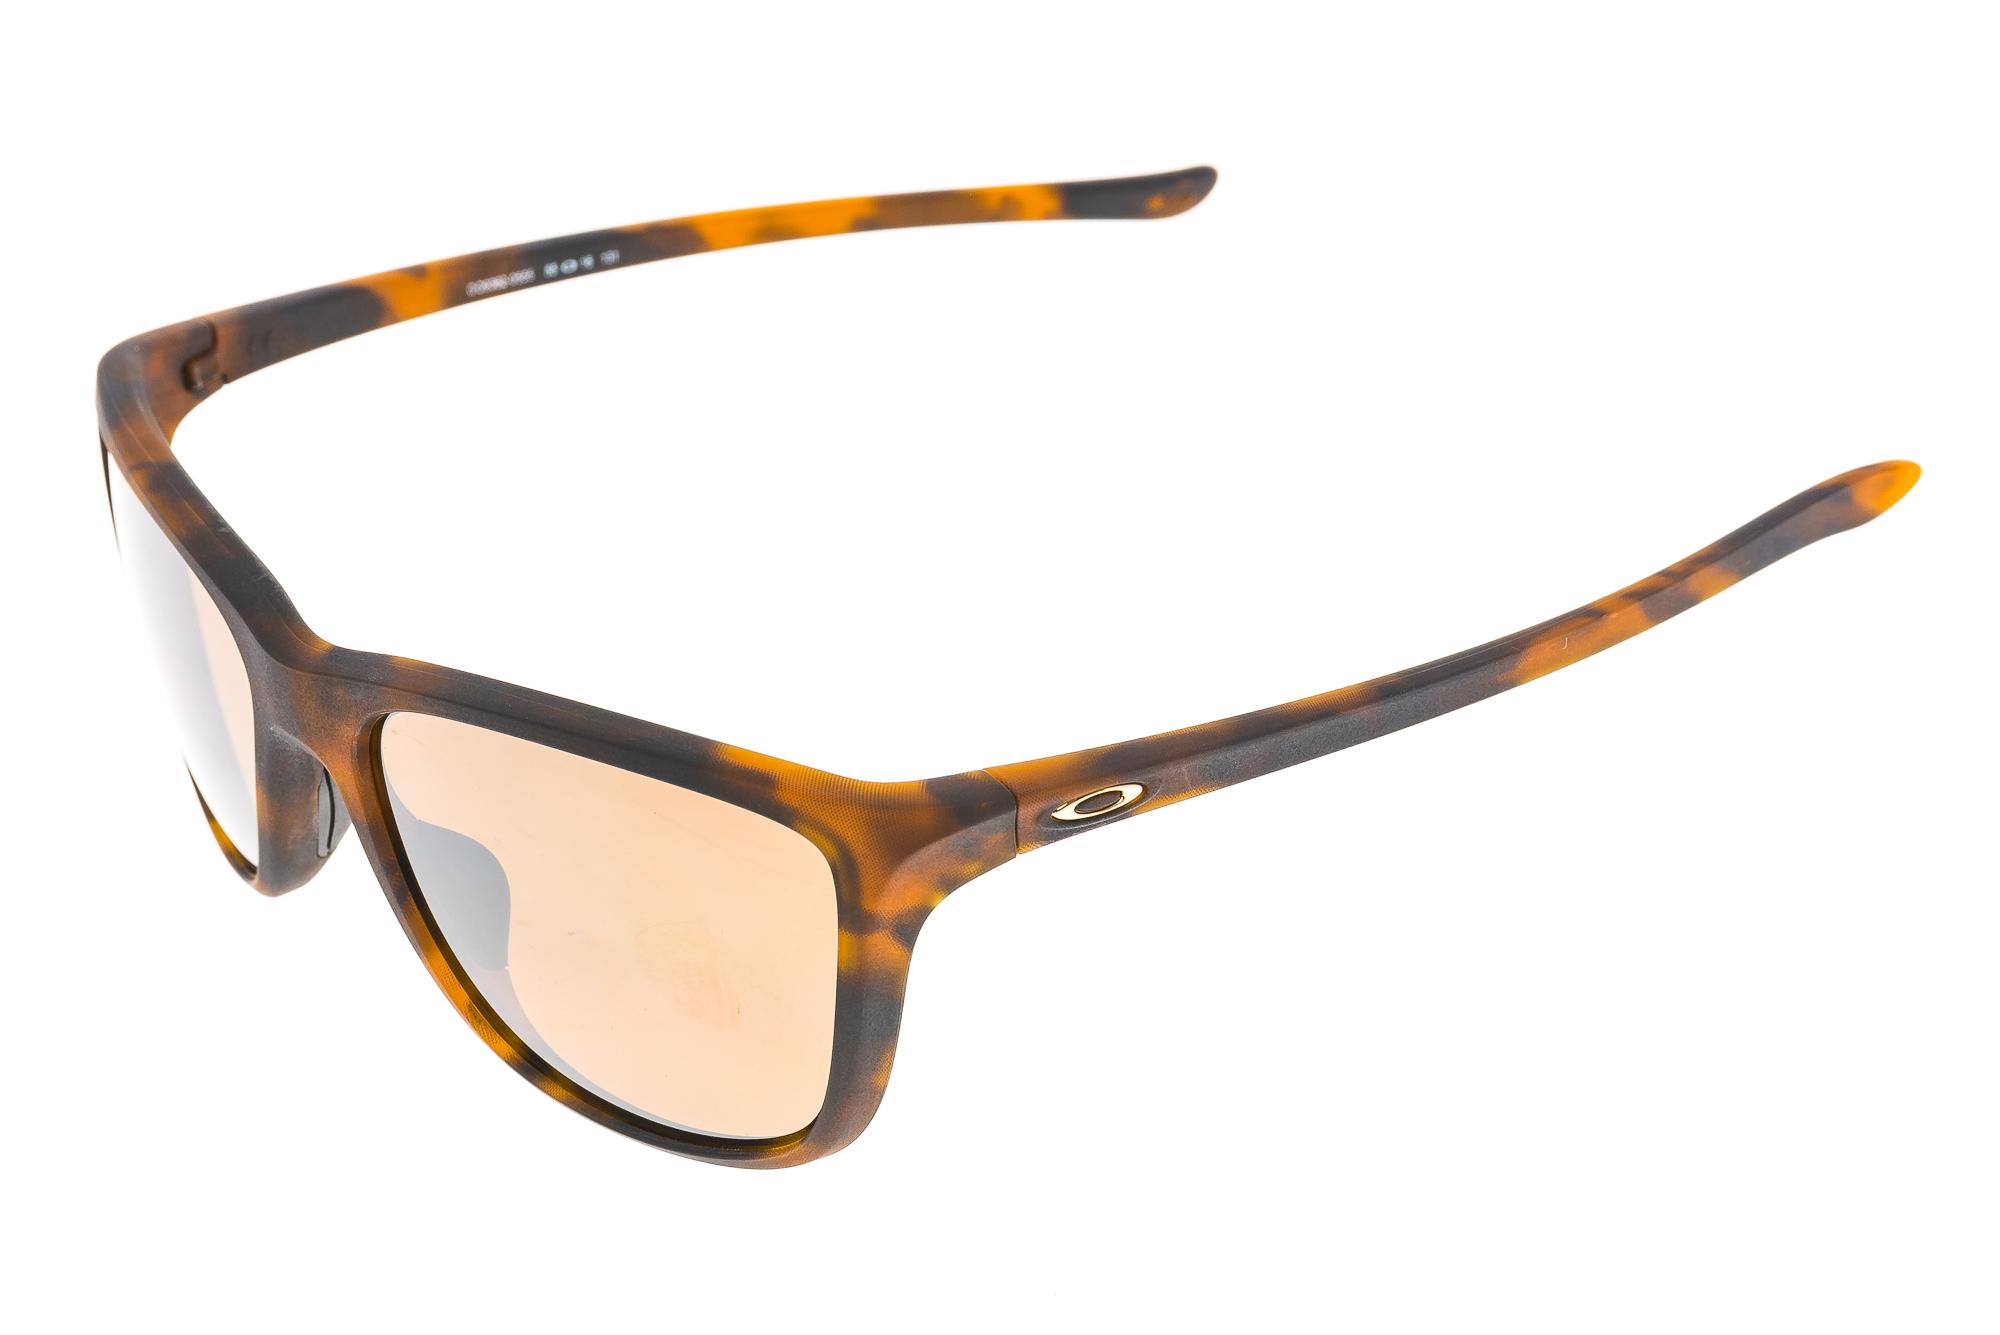 4de8661a8e951 Details about Oakley Reverie Womens Sunglasses Tortoise Frame Brown  Polarized Lens